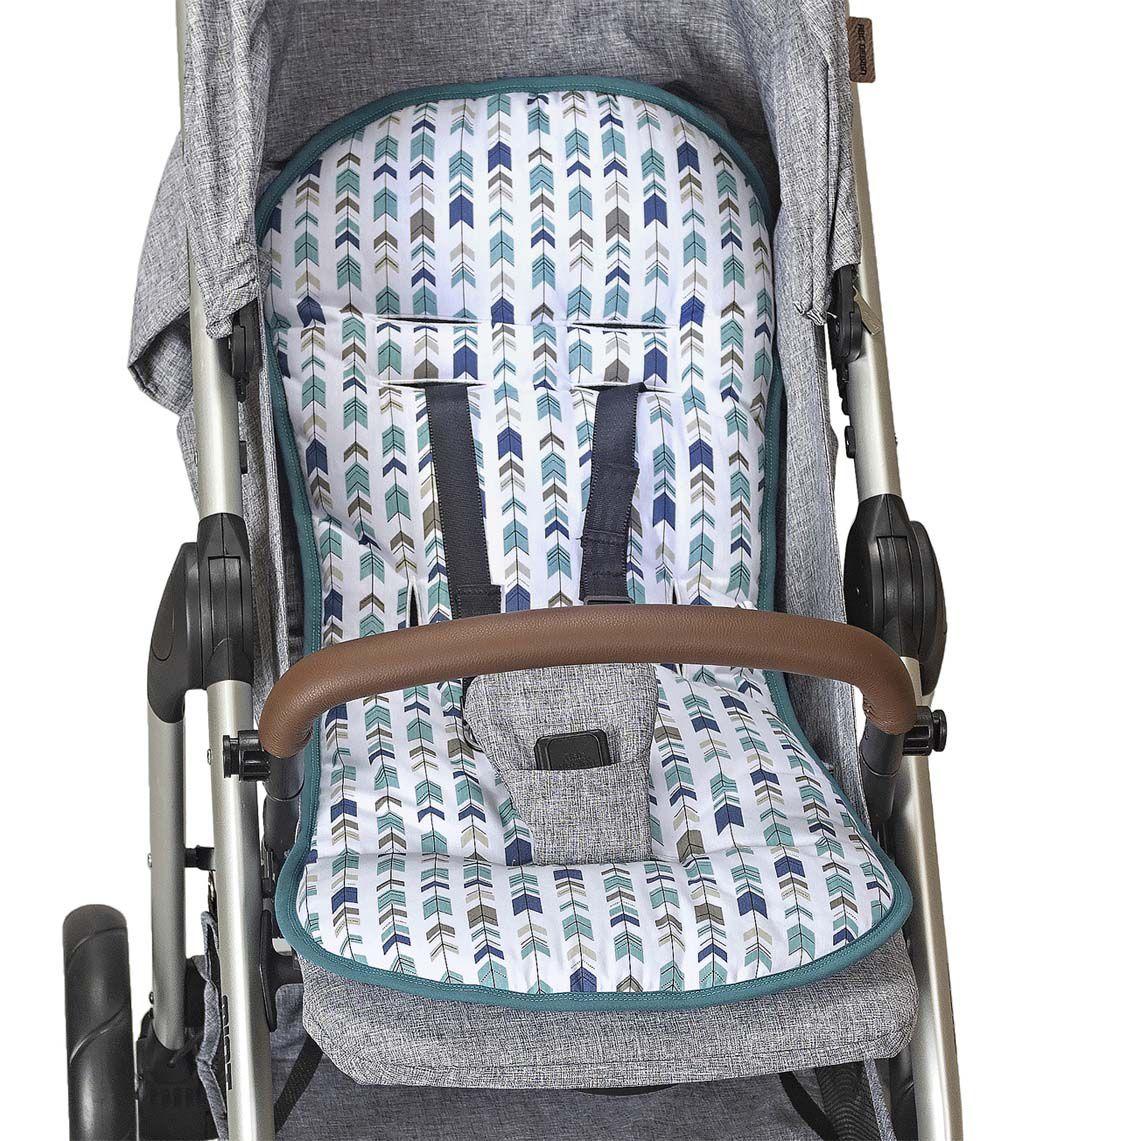 Capa Para Carrinho De Bebê Protetor Universal Dinossauro